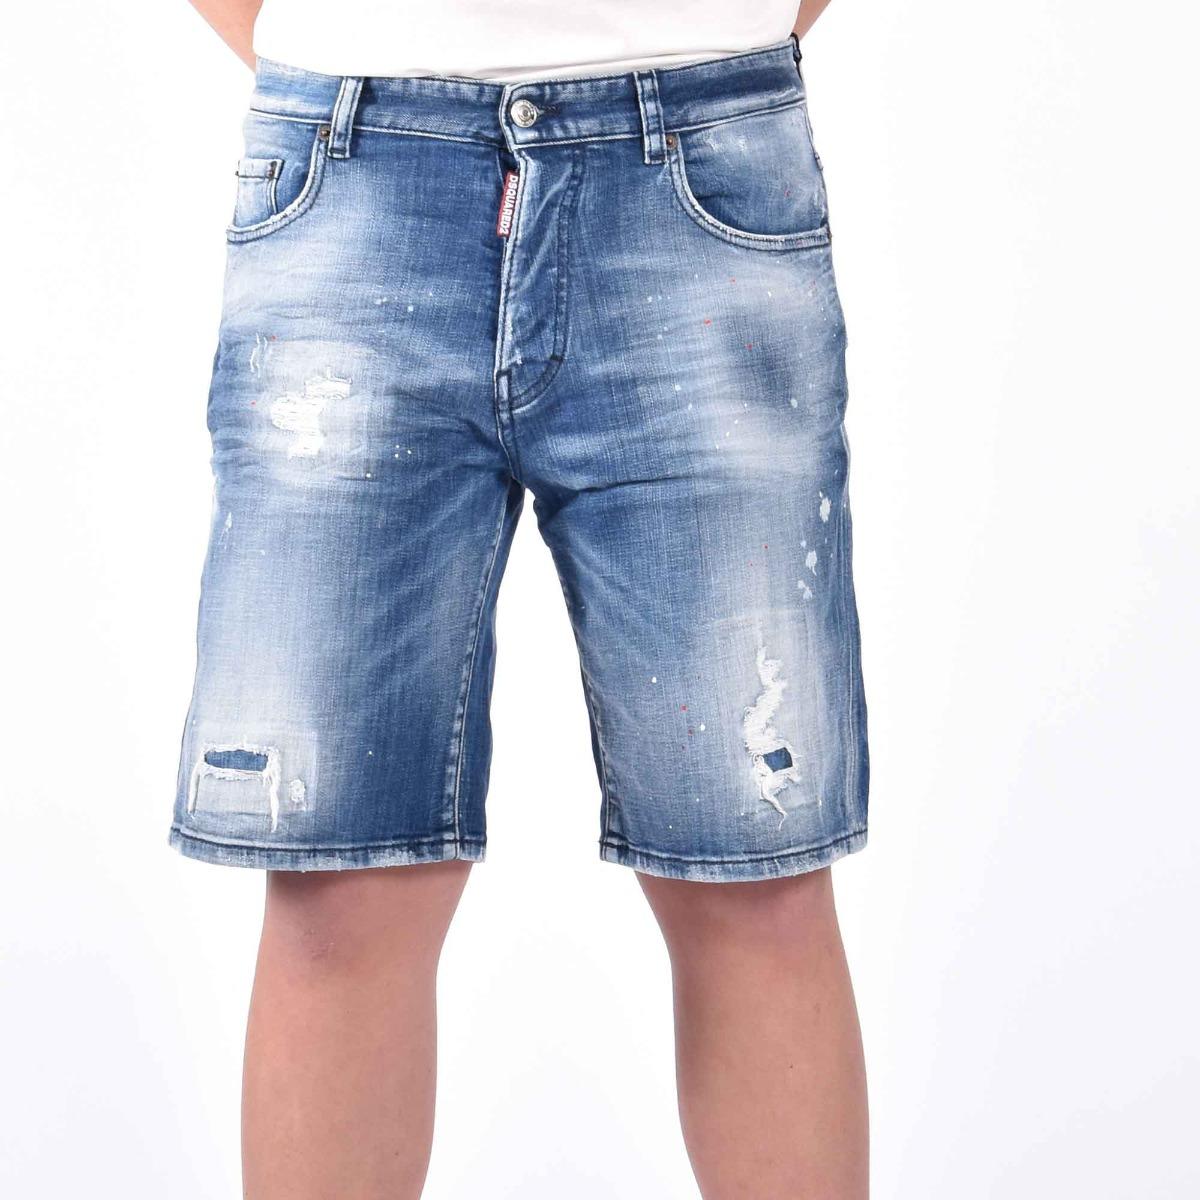 Bermuda in jeans - Denim